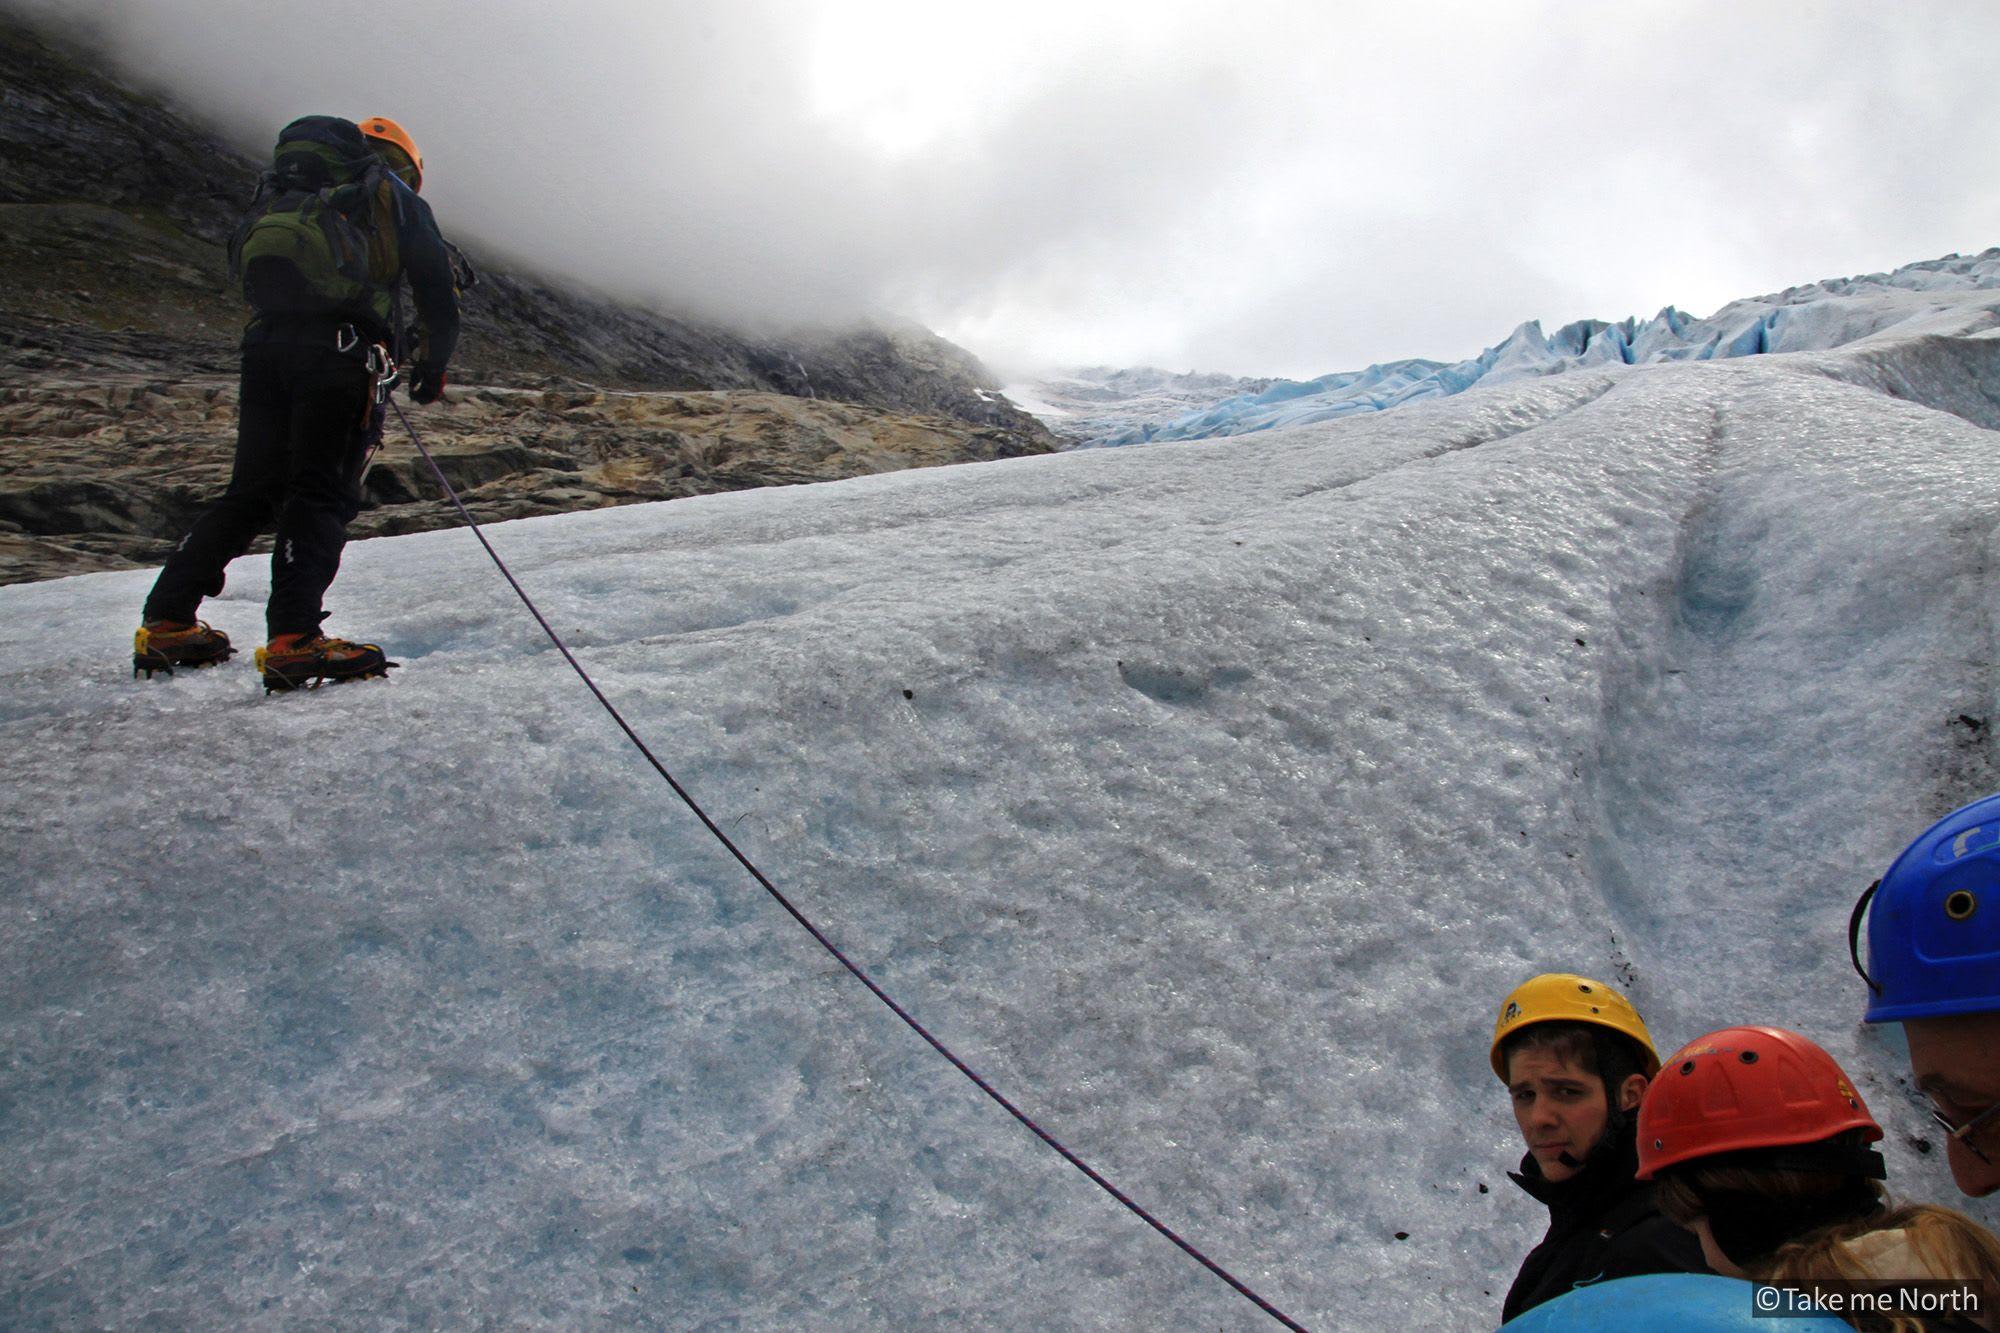 Glacier hike on Bødalsbreen, 2010